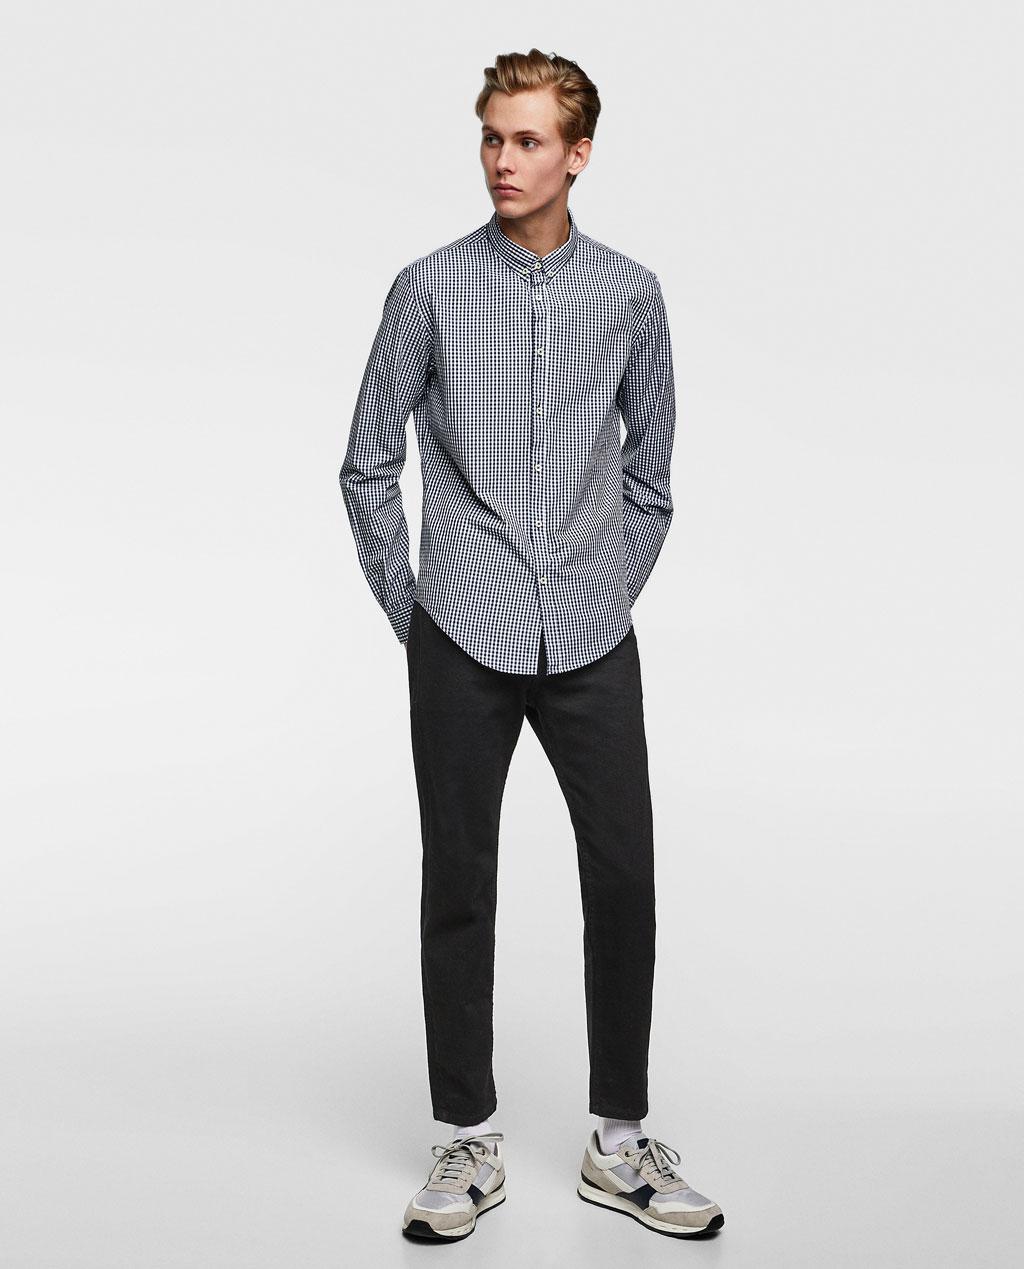 Thời trang nam Zara  23903 - ảnh 3